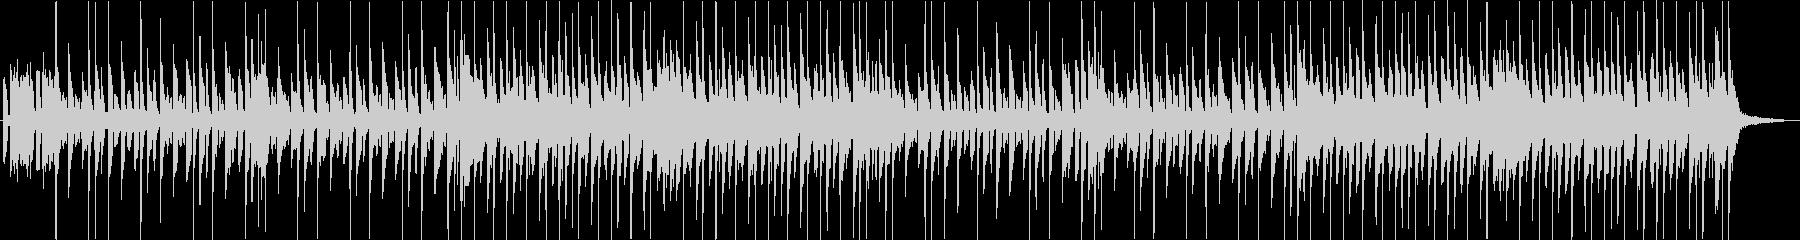 ほのぼの木琴のキッズBGMの未再生の波形